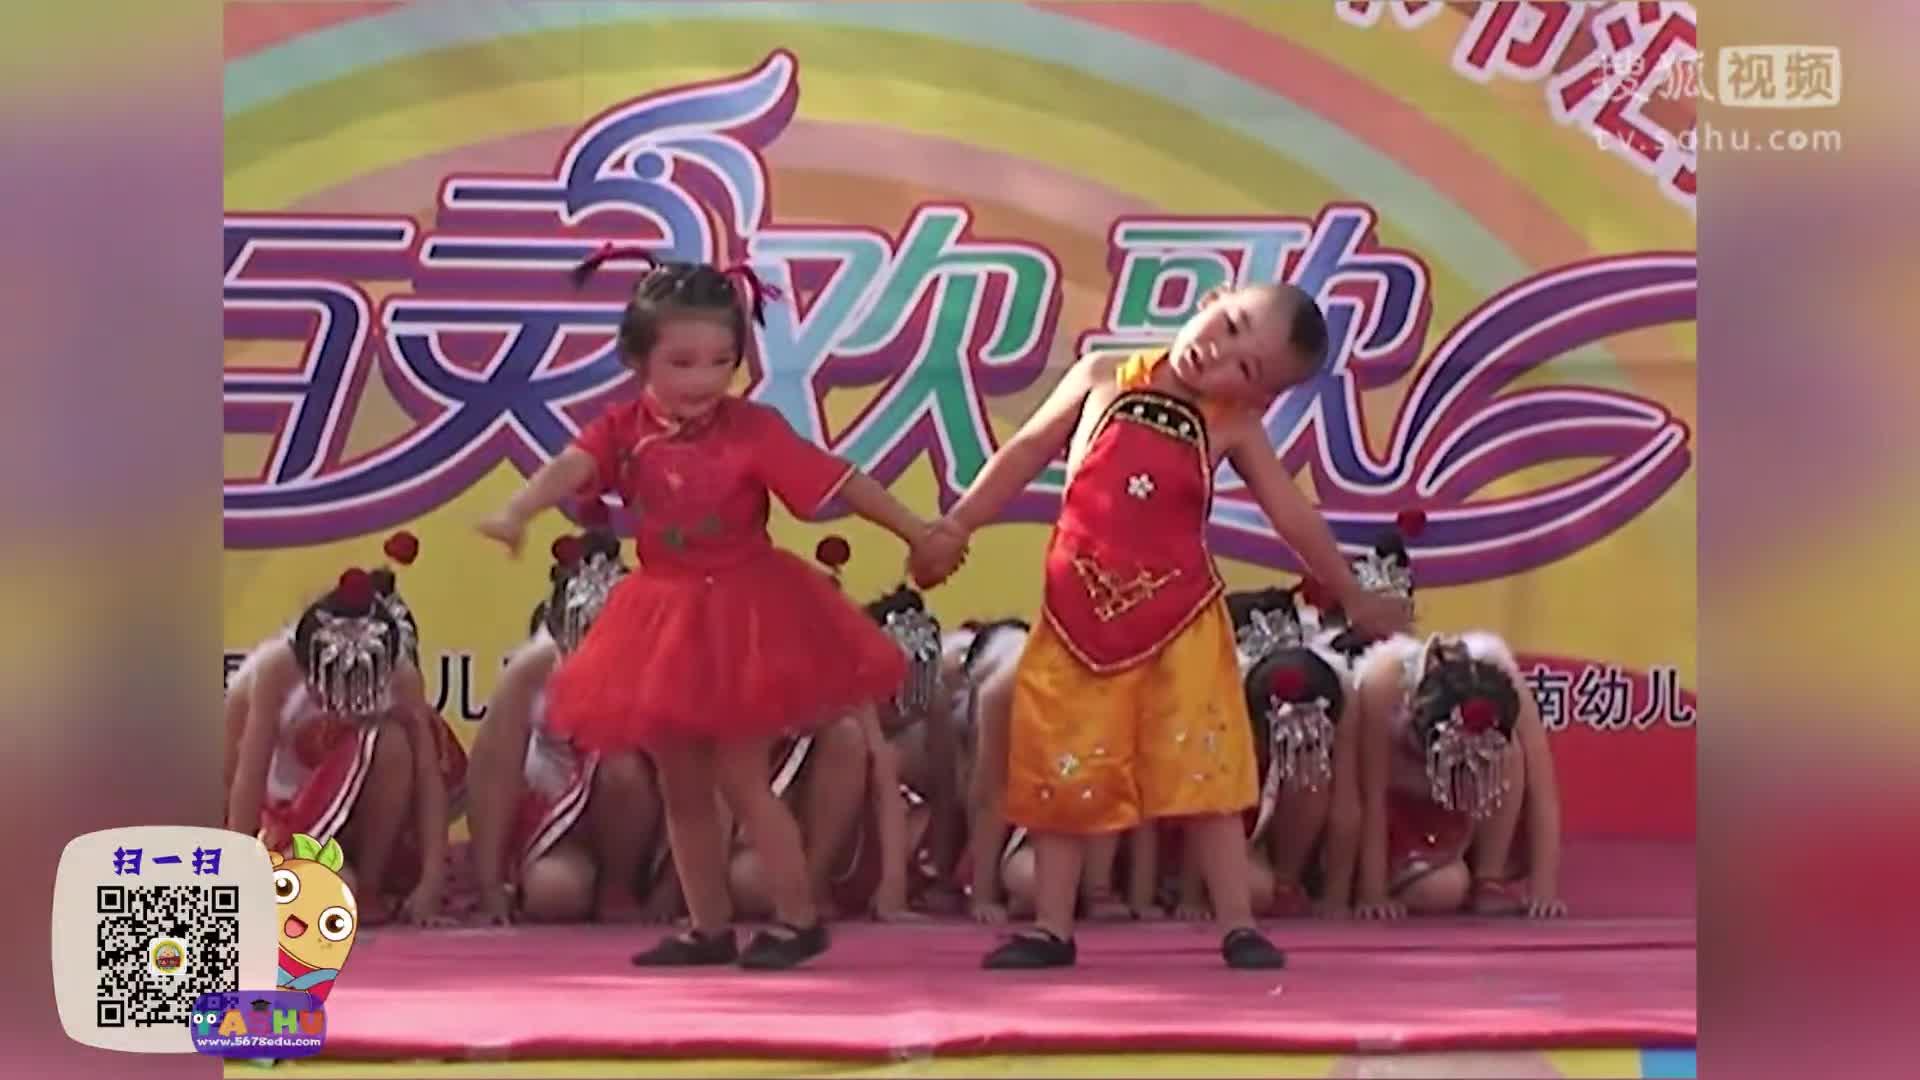 《京剧》幼儿舞蹈少儿歌曲幼儿园律动六一儿童节舞蹈